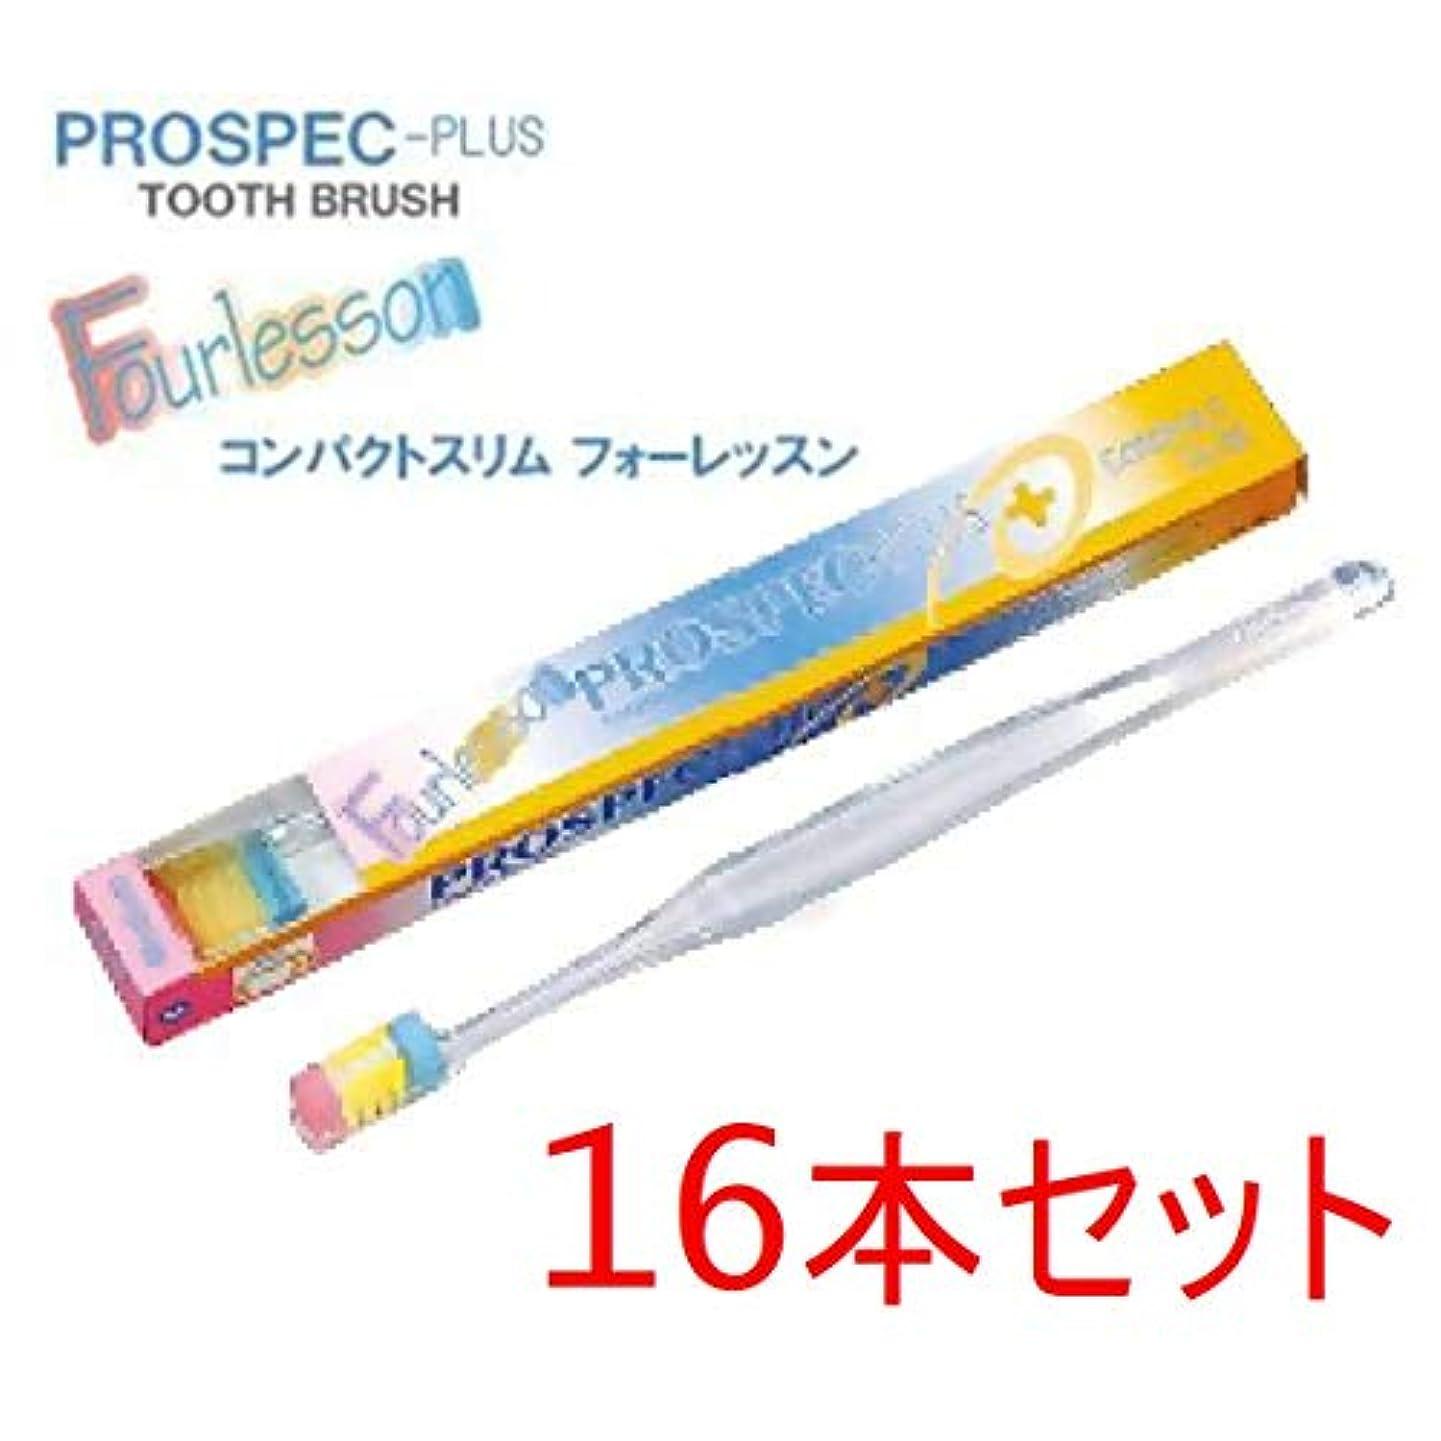 死すべき想像力豊かなエロチックプロスペック 歯ブラシ コンパクトスリム 16本 フォーレッスン 毛の硬さ ふつう